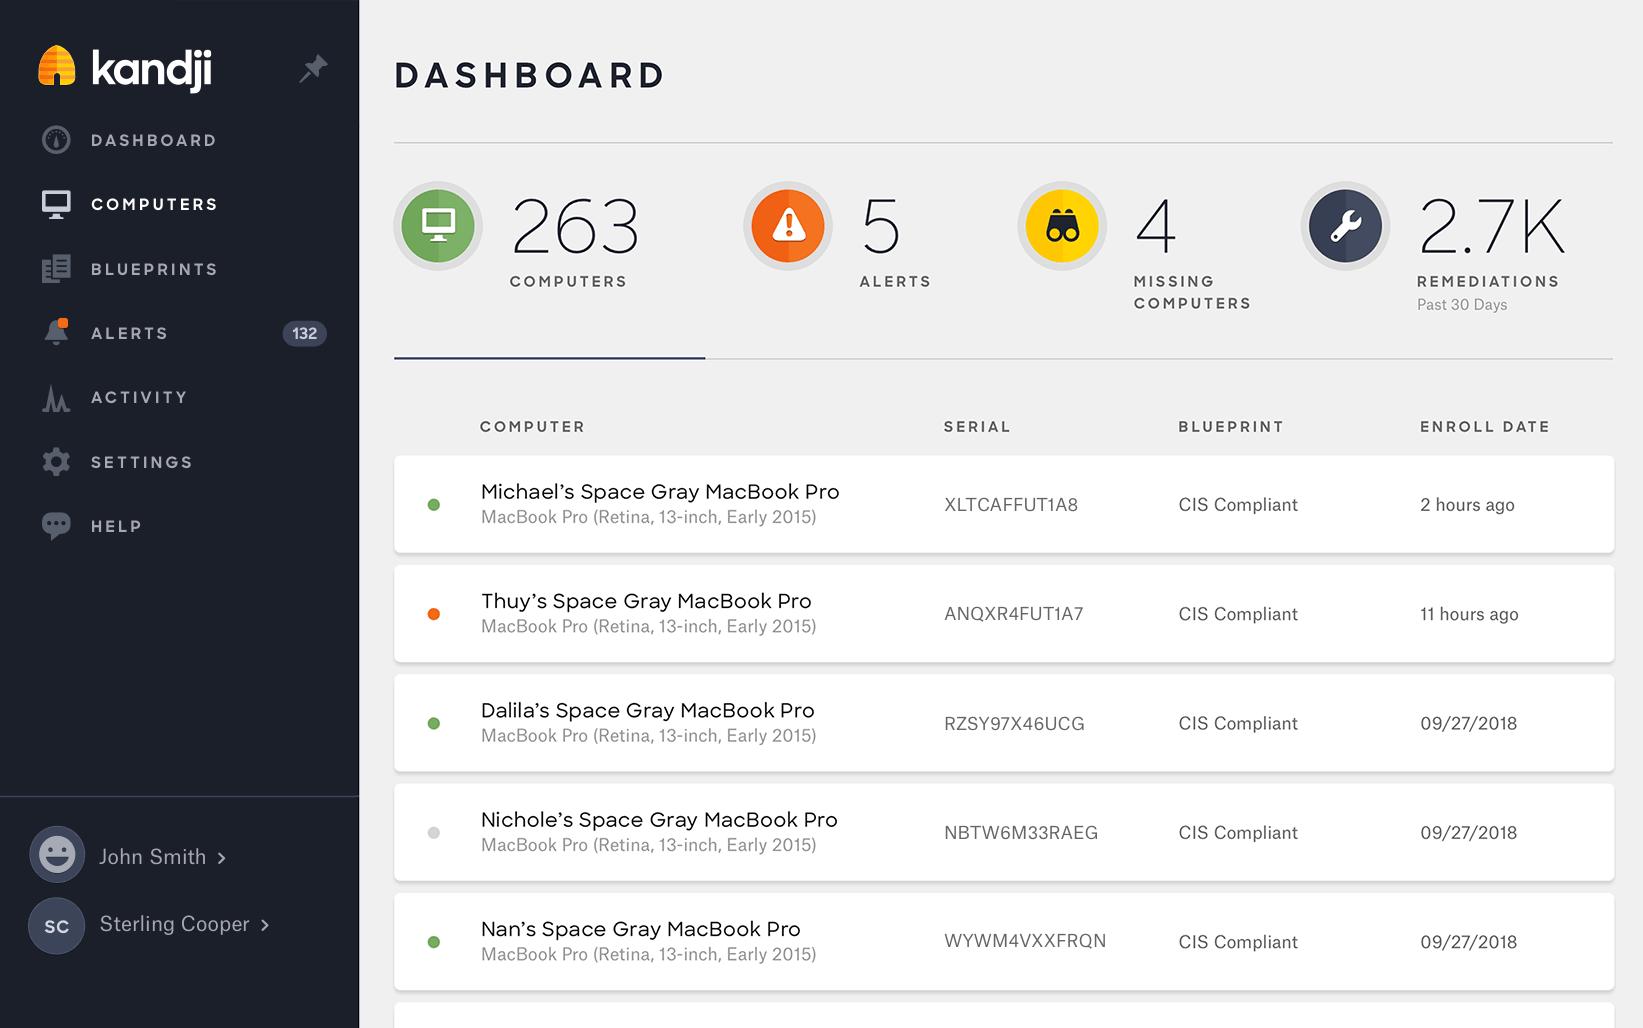 Kandji Software - Dashboard